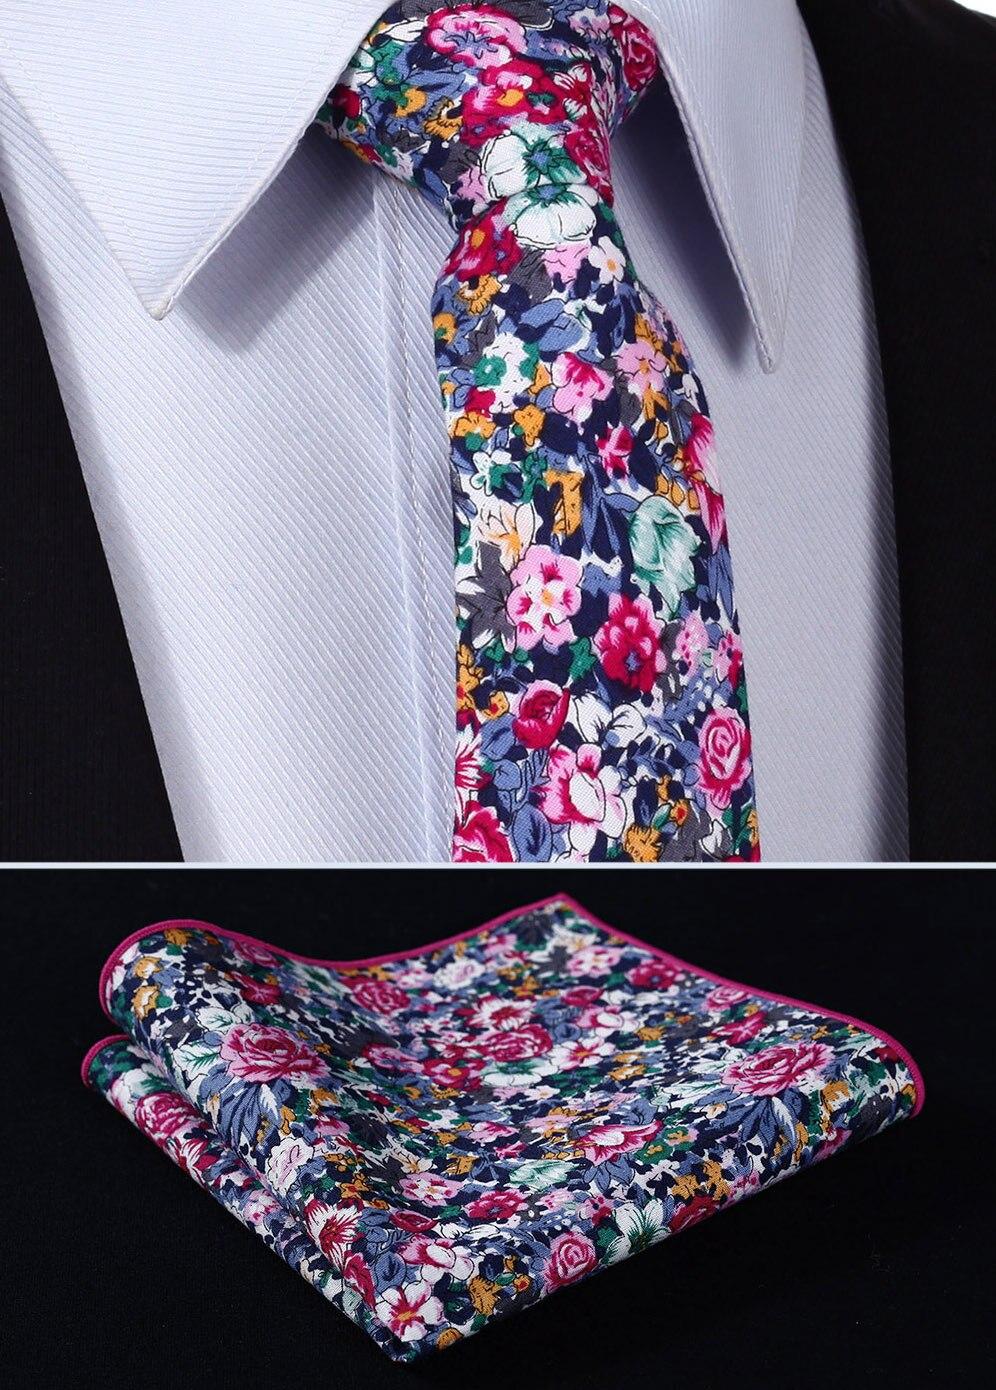 c31518ed ⑧Tmf201k7 różowy niebieski kwiatowy 2.75 100% bawełna tkana slim ...